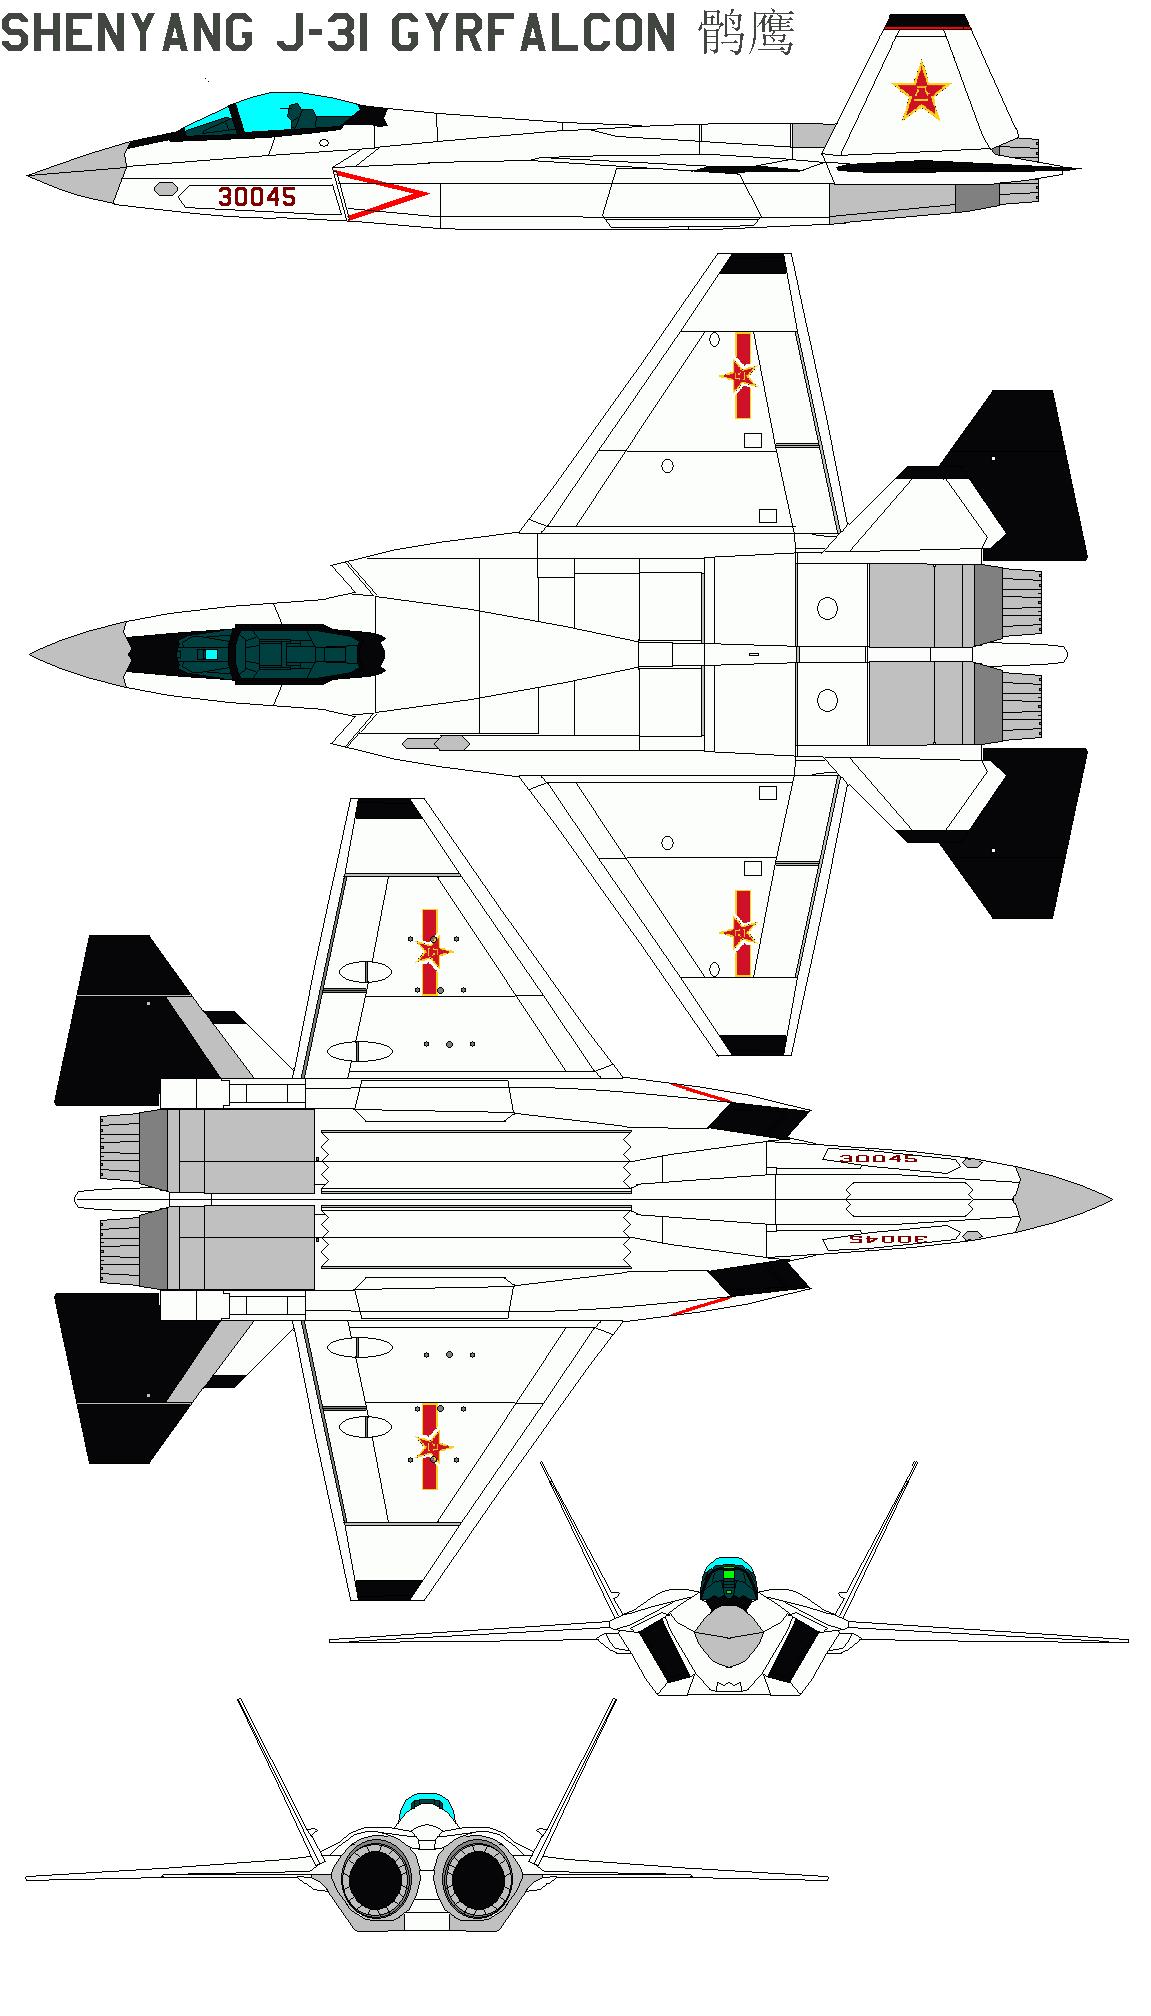 Chasseurs chinois - Page 3 ShenyangJ-31Gyrfalcon-1